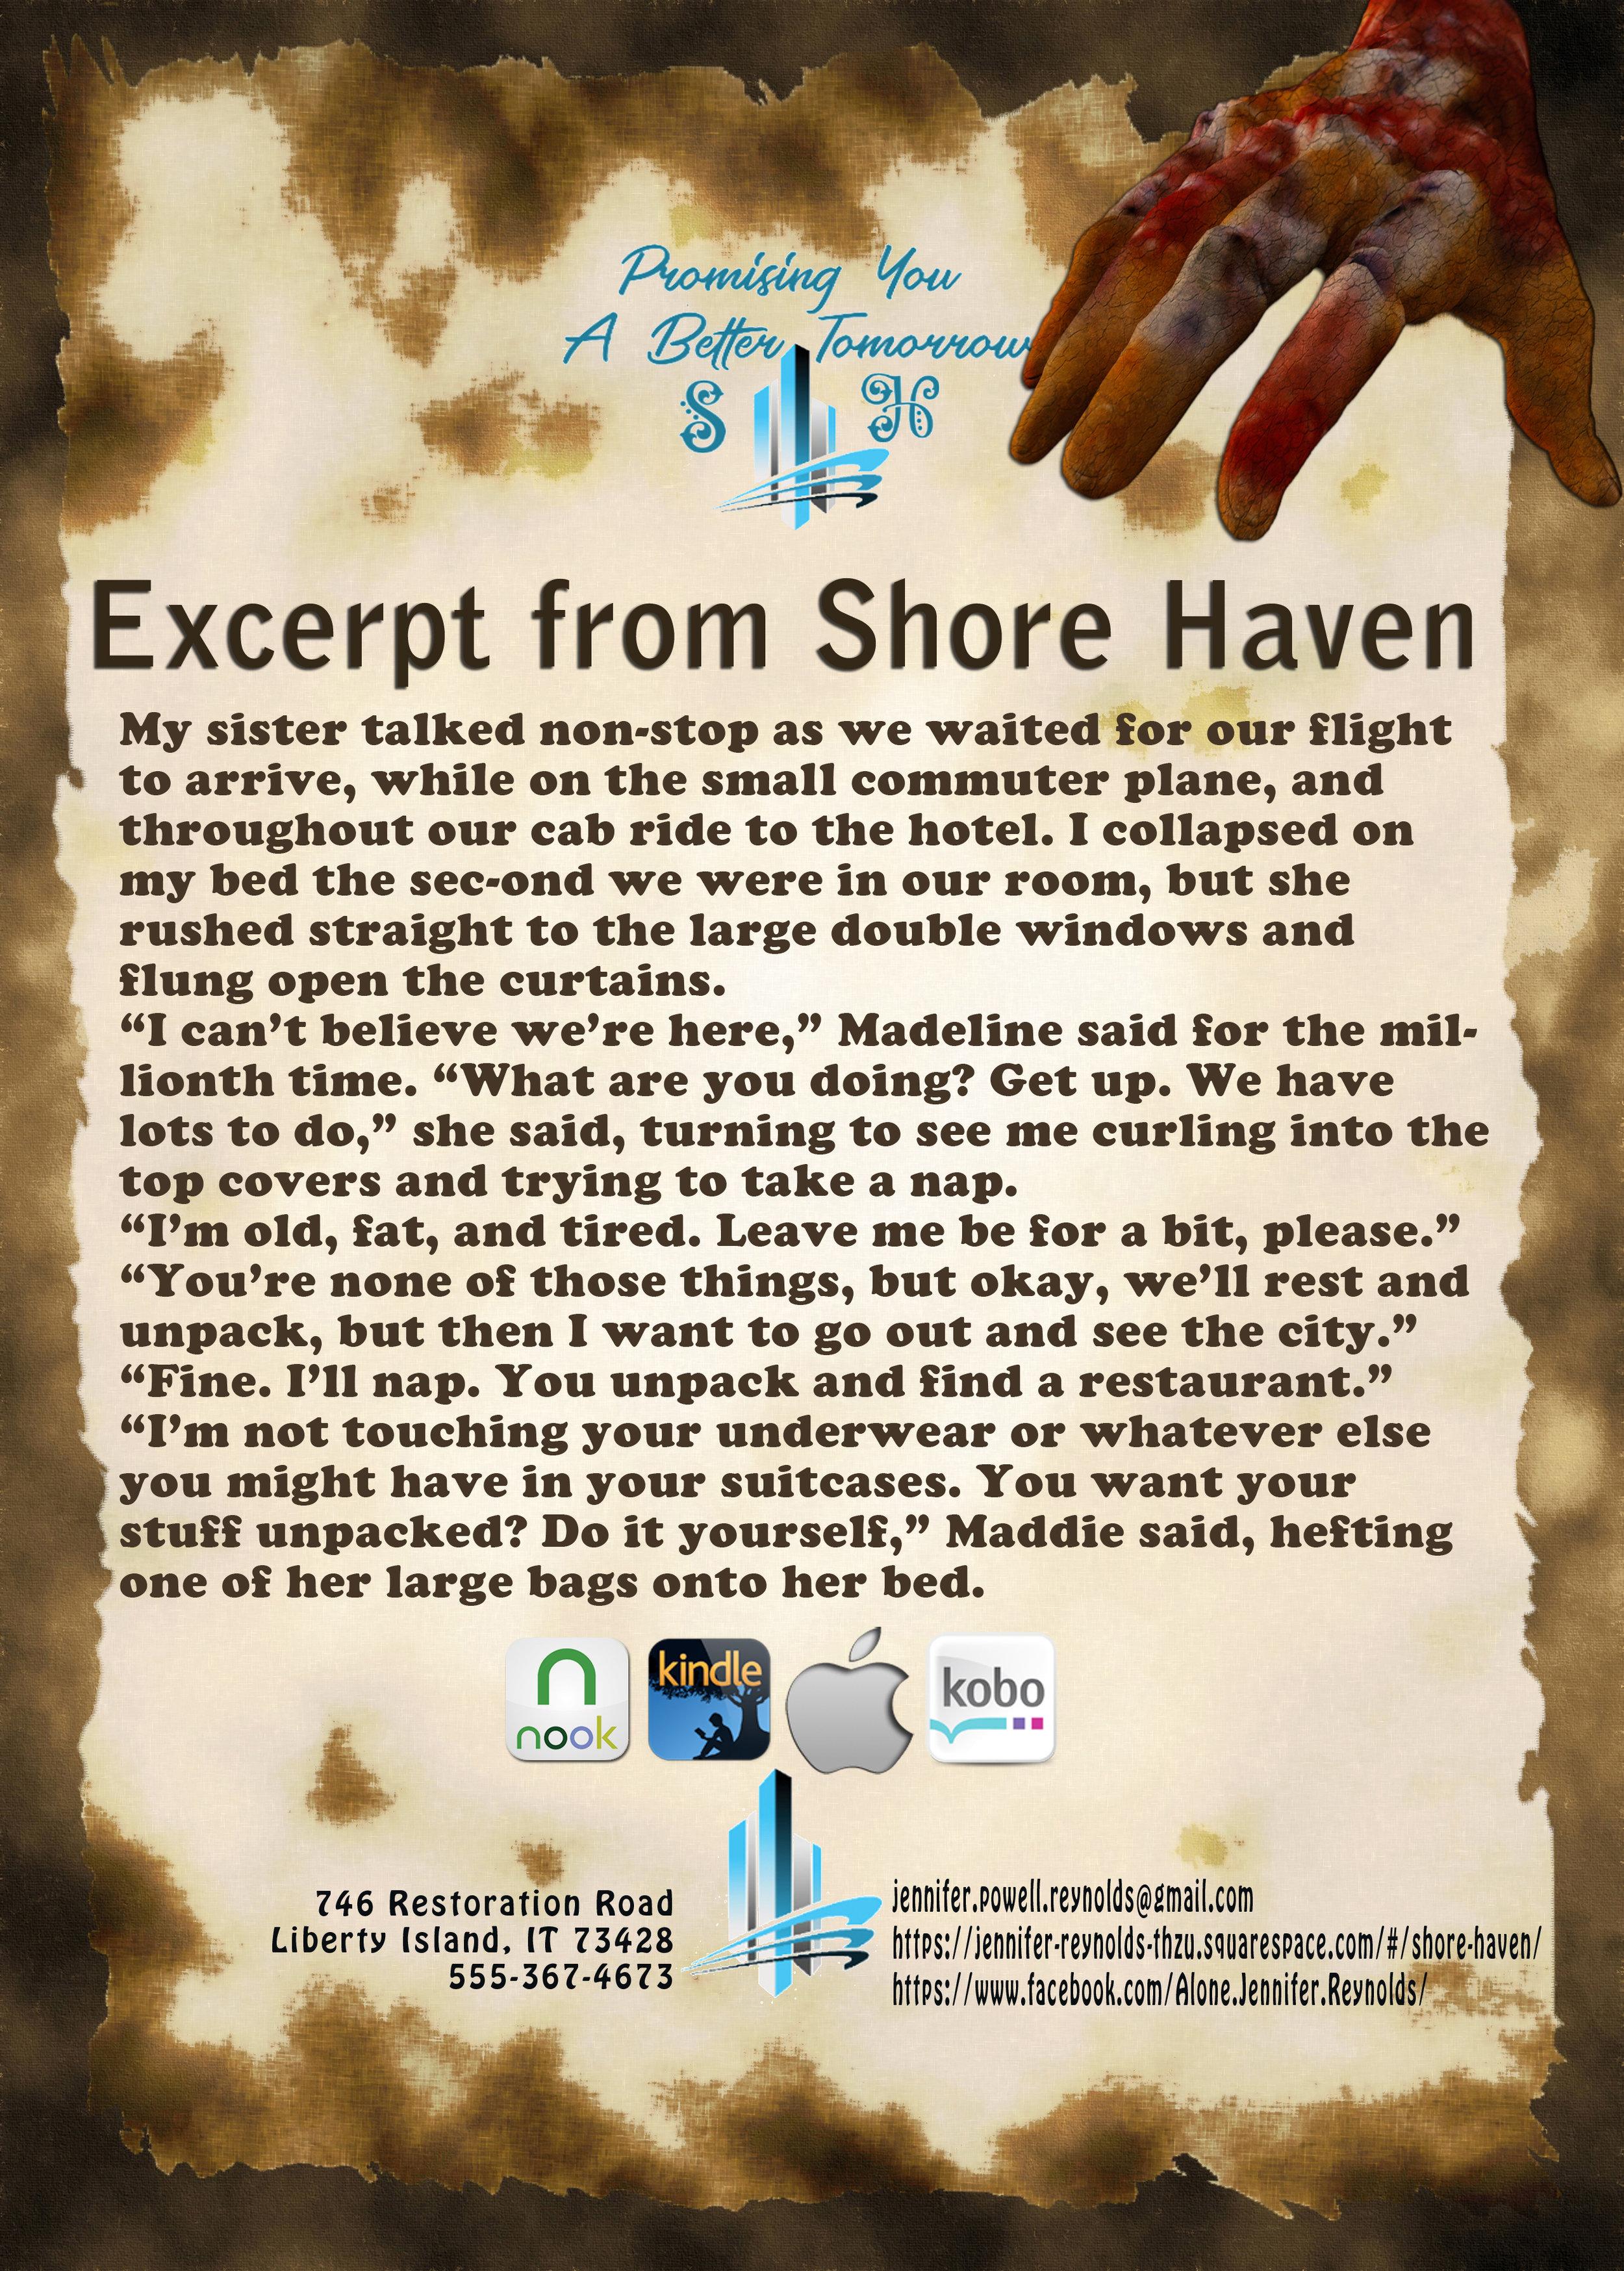 Shore Haven Excerpt 44.jpg